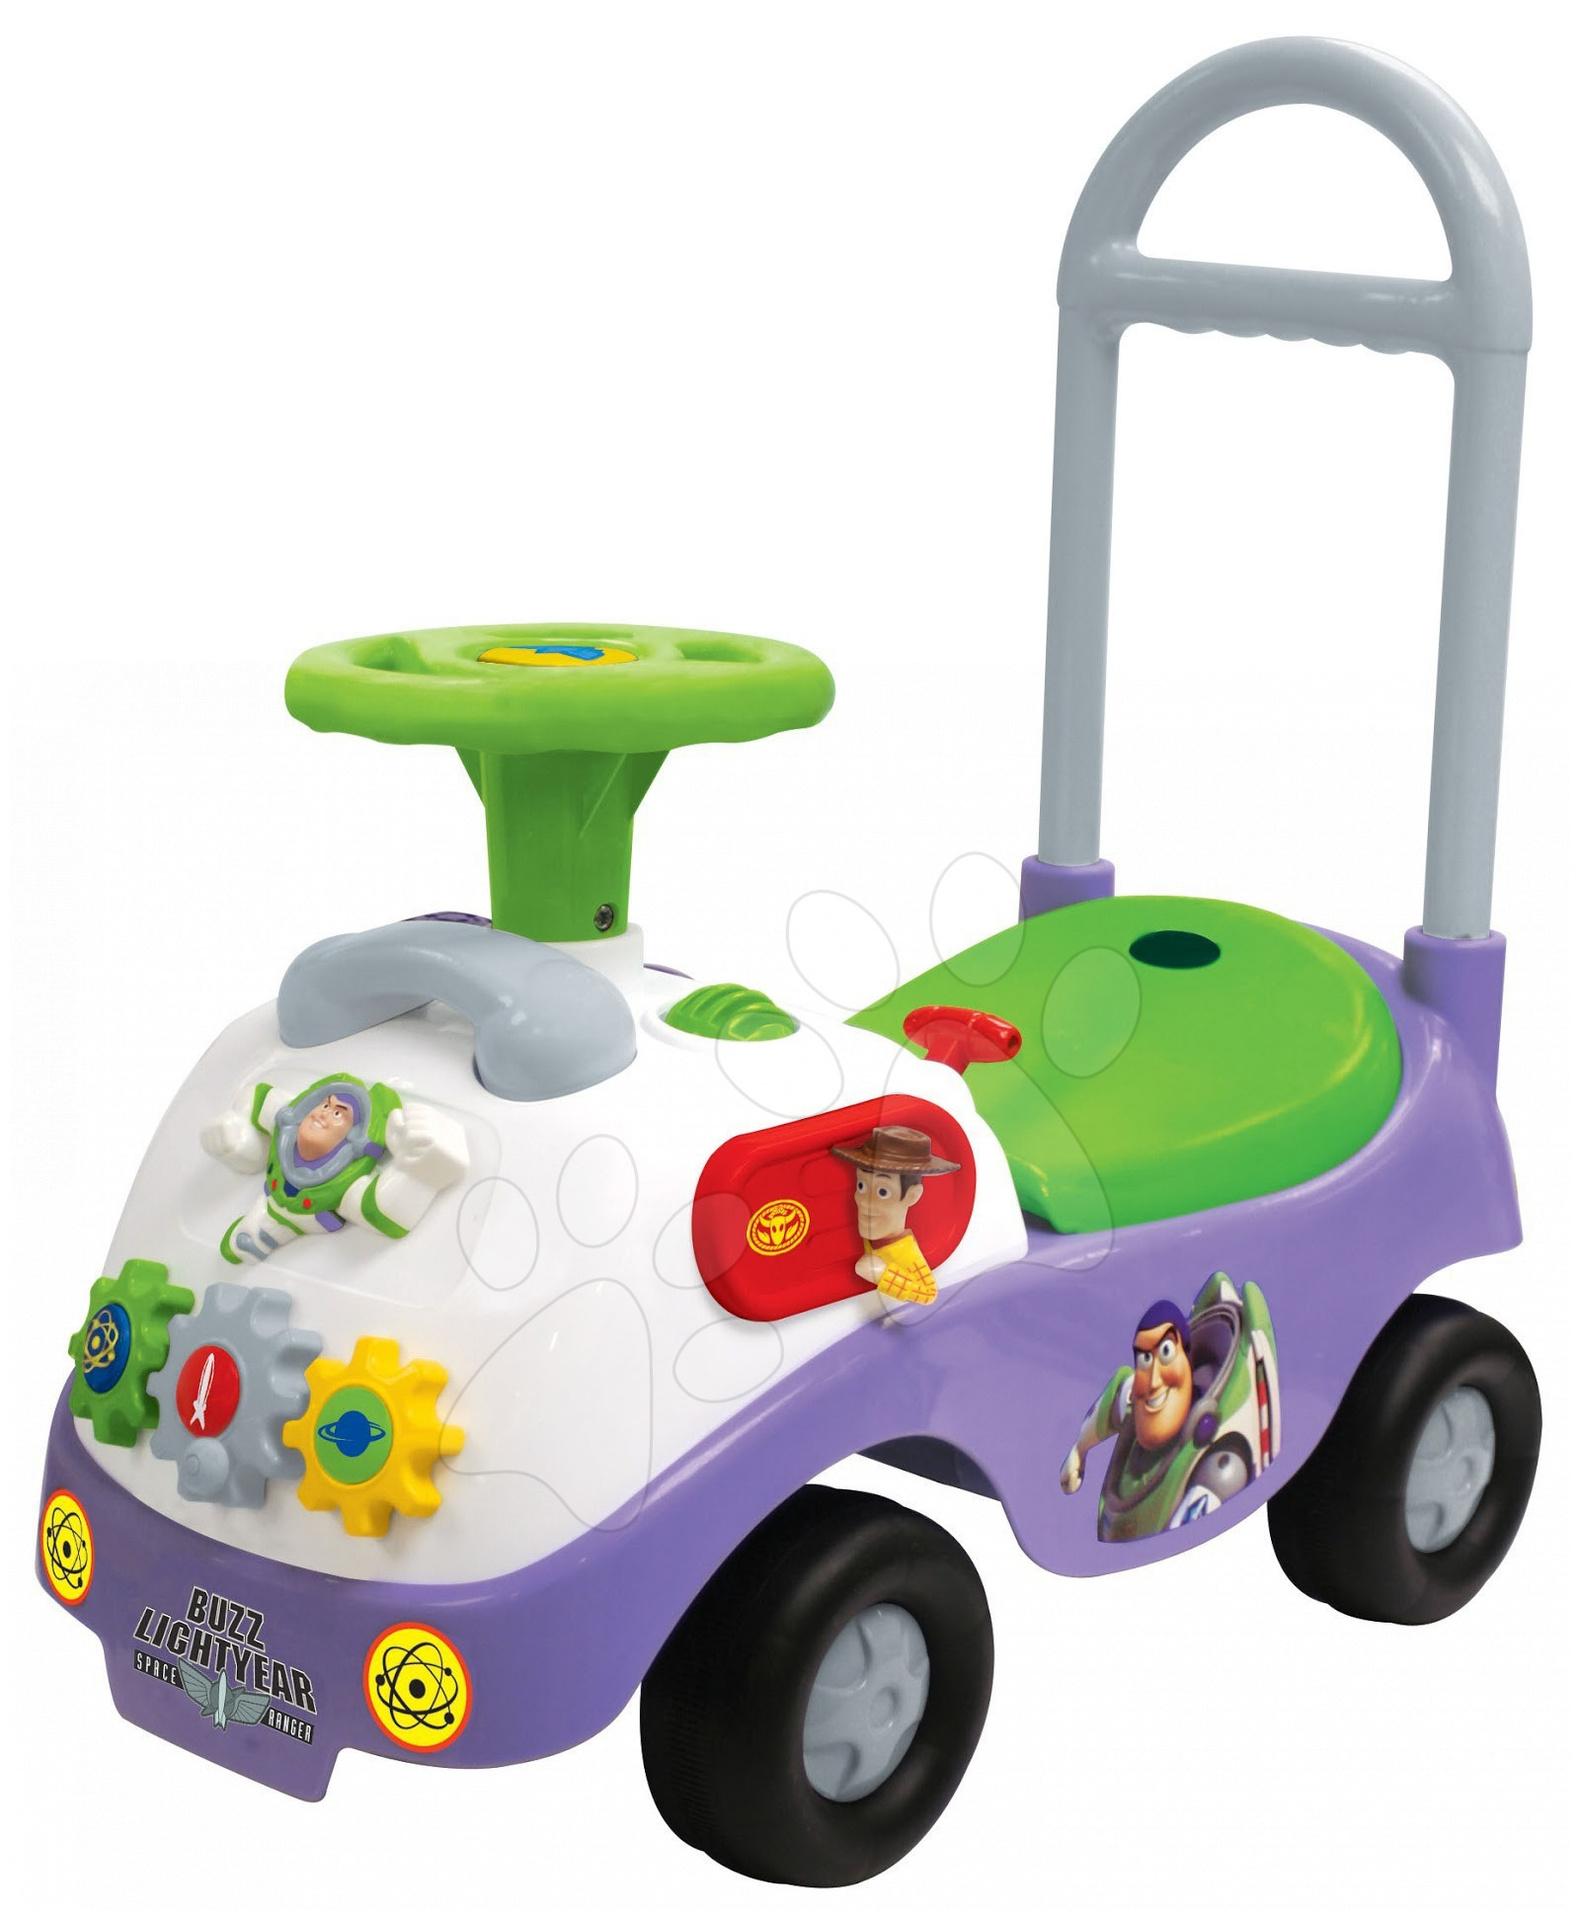 Odrážedlo Toy Story  Kiddieland elektronické se světlem a zvukem od 12 měsíců